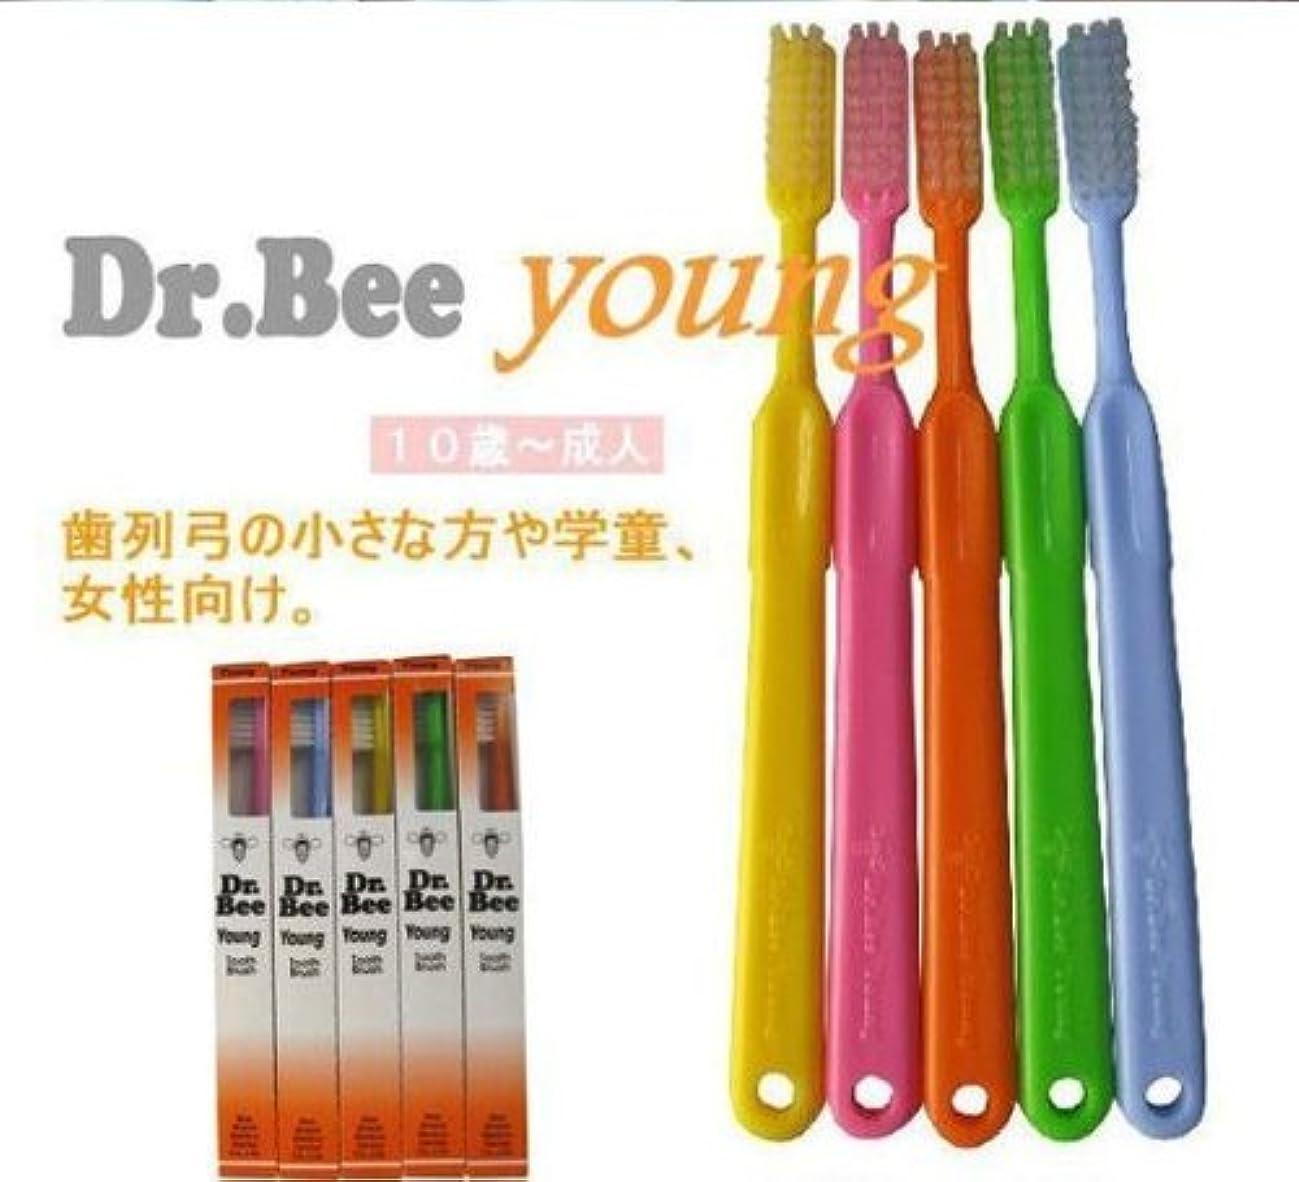 放棄された多様体くしゃくしゃBeeBrand Dr.BEE 歯ブラシヤング かため